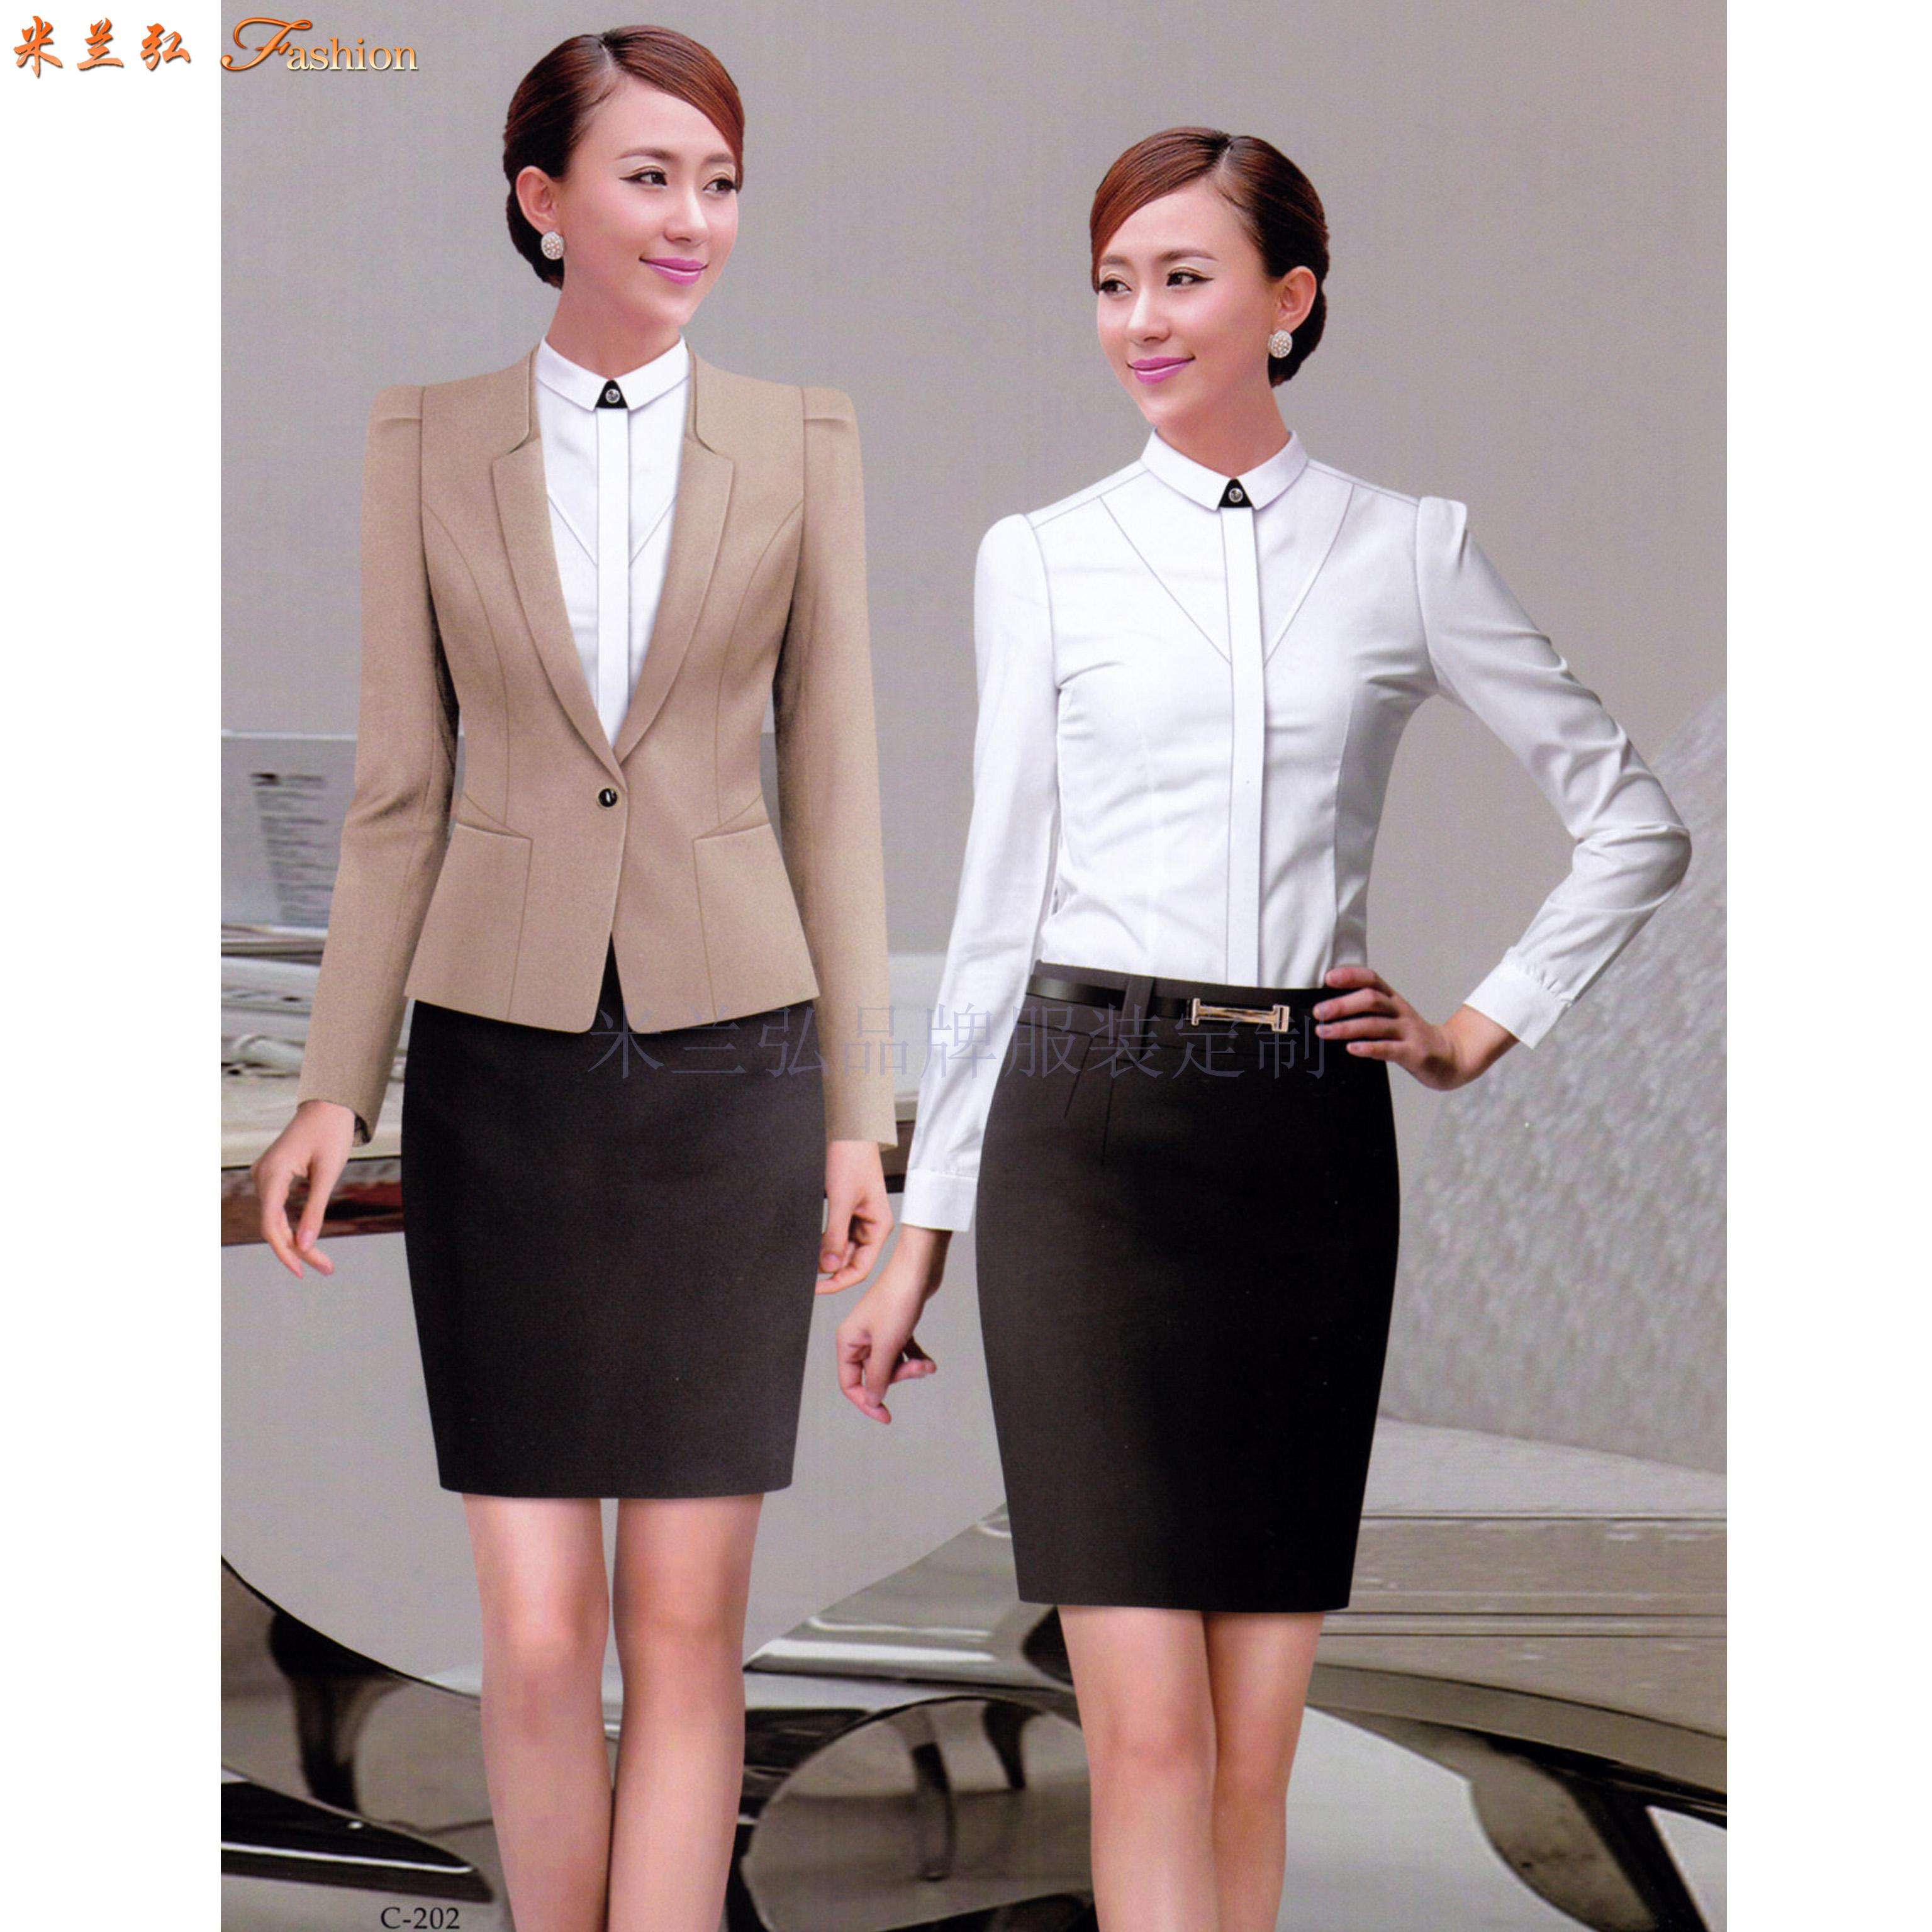 北京西服定制工廠-廠家直銷西服-米蘭弘服裝-2